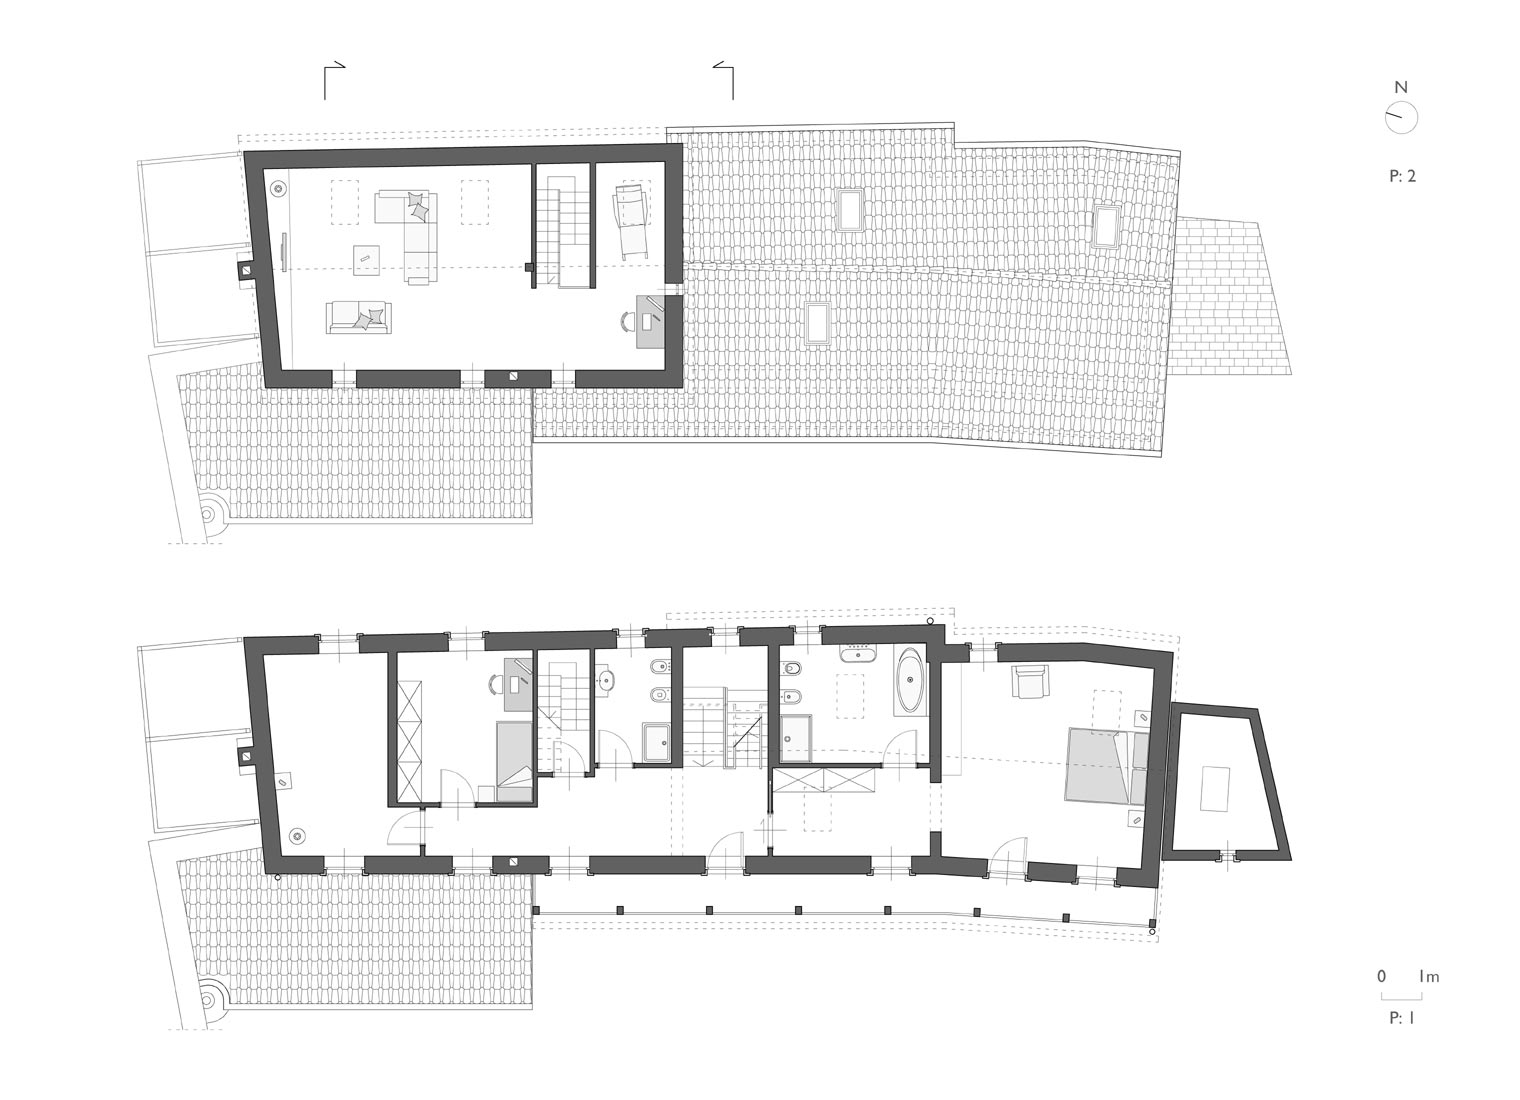 vk-architetti_samatorza_plan2